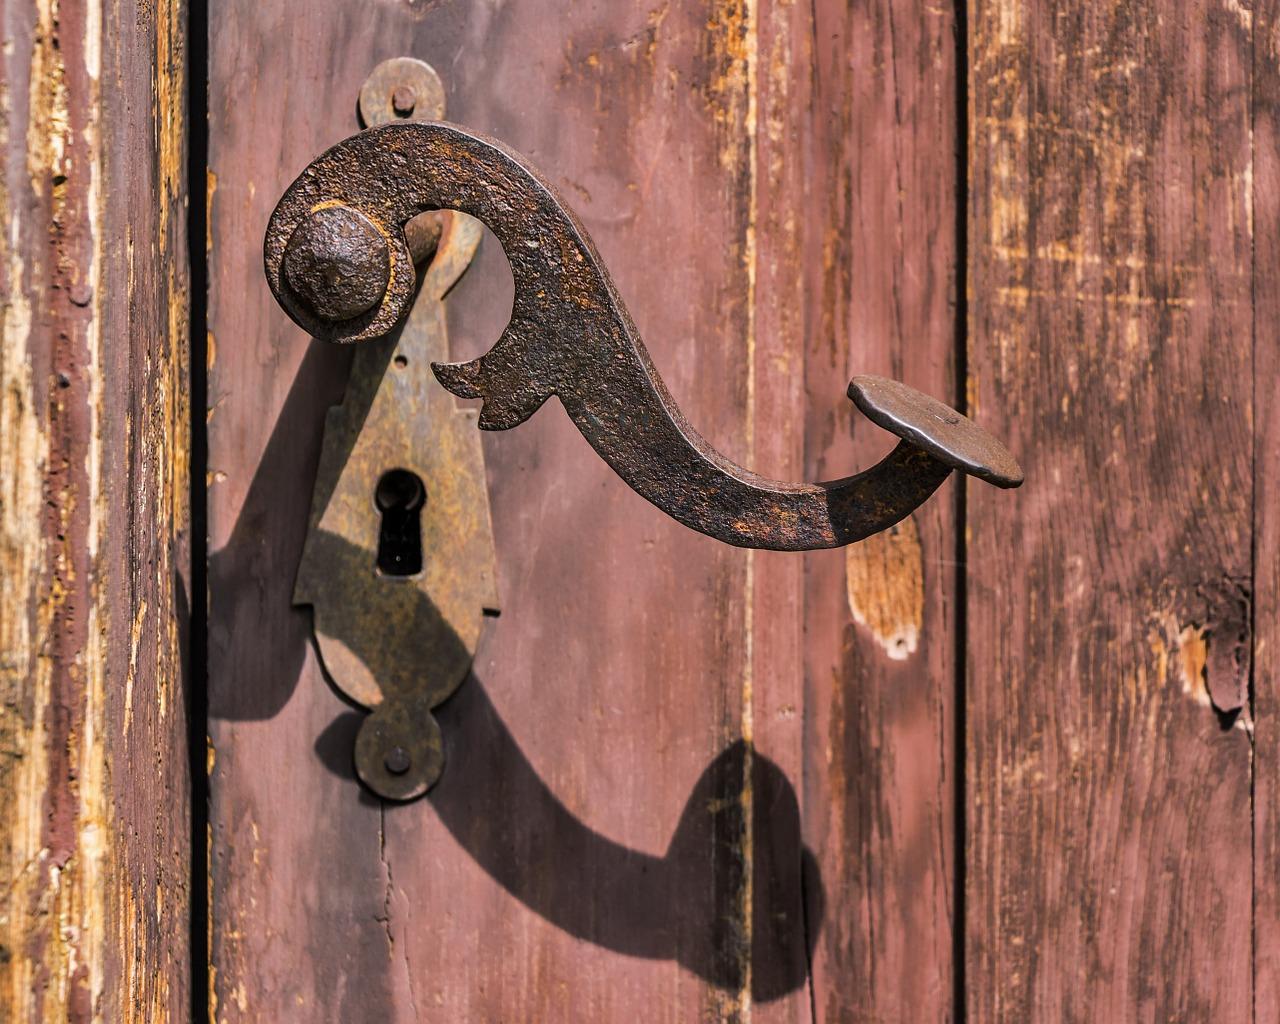 Contacter un professionnel pour la réparation de votre porte